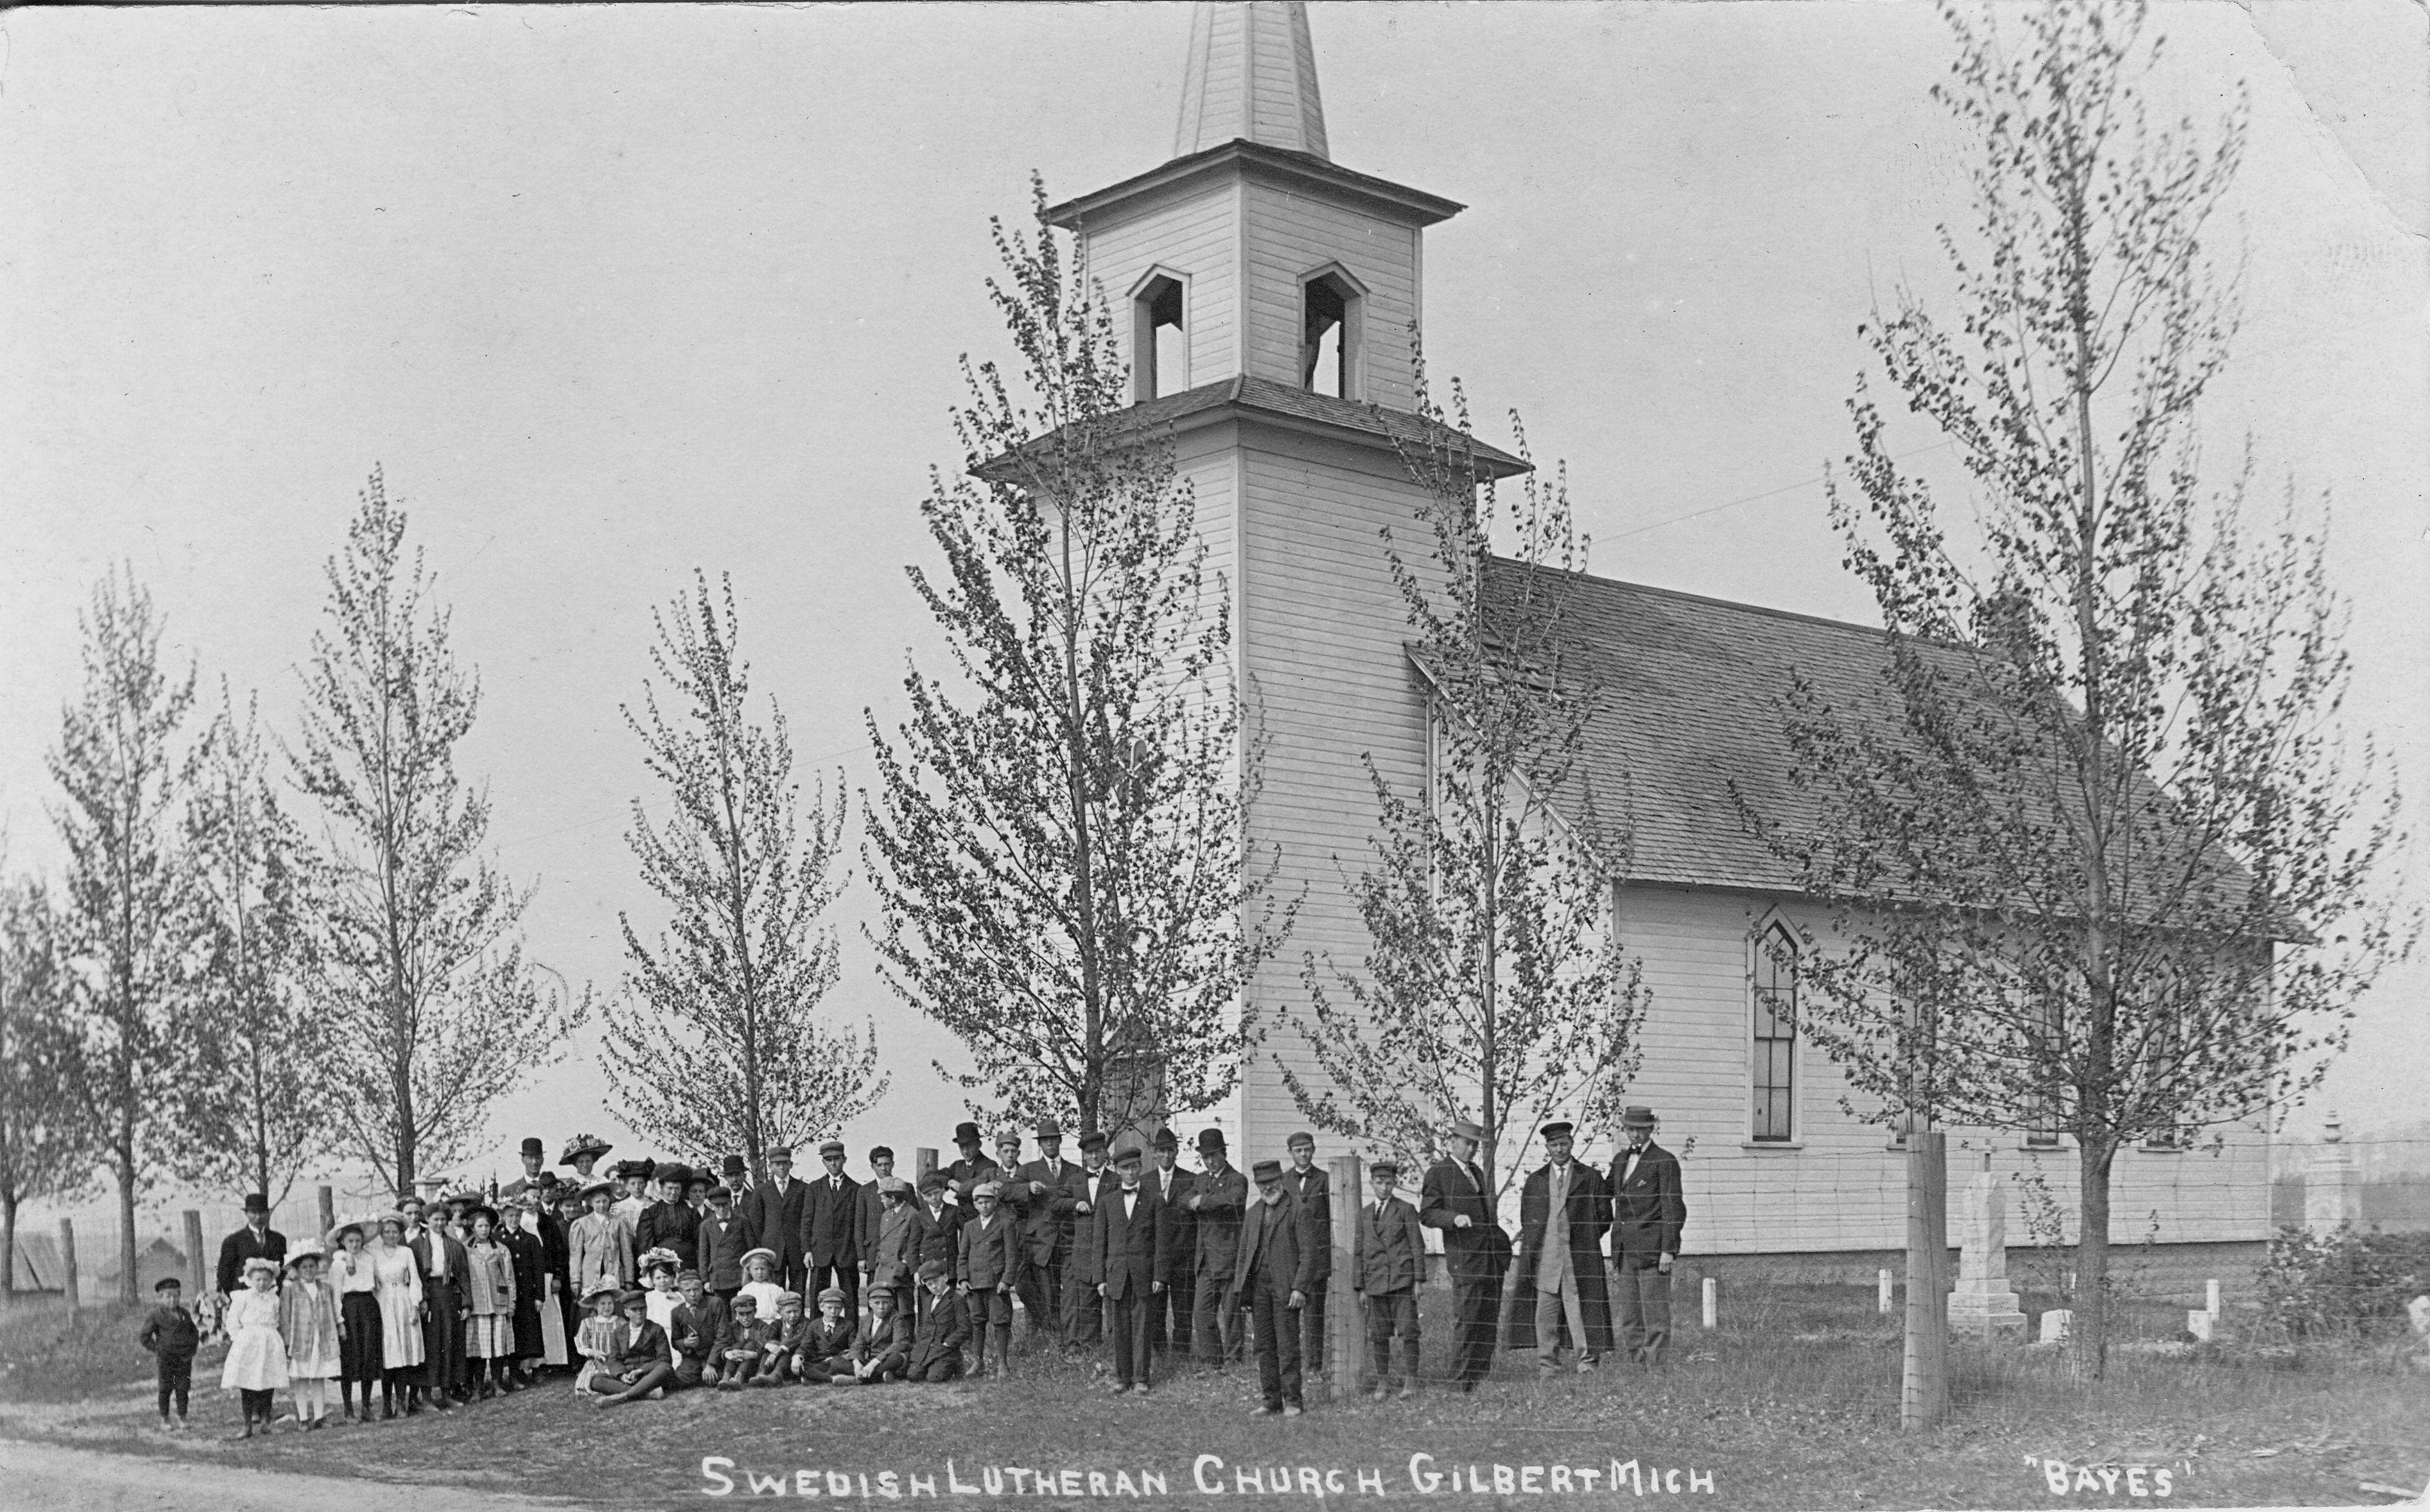 Swedish Lutheran Church in Gilbert